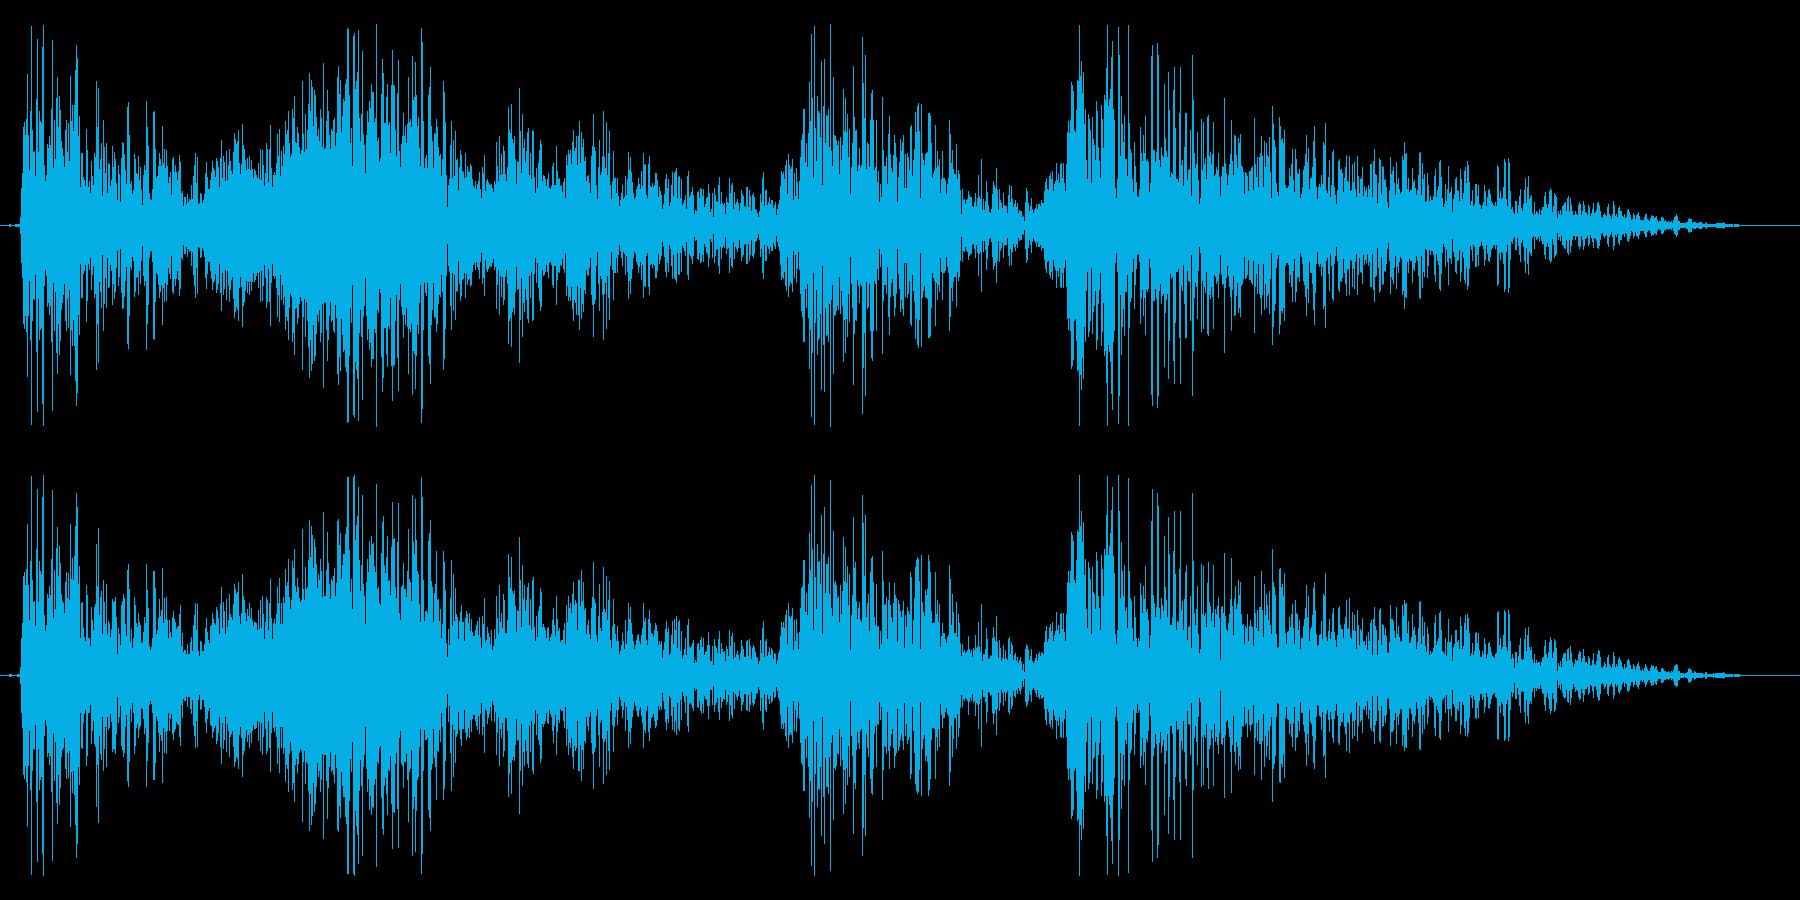 ドラゴン モンスター ゲーム 登場時の再生済みの波形